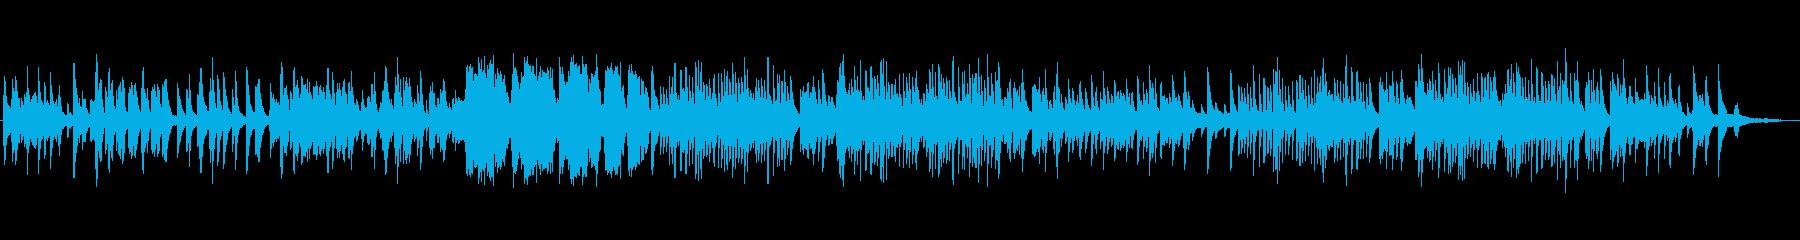 ホスピタリティなやさしいリラックスピアノの再生済みの波形